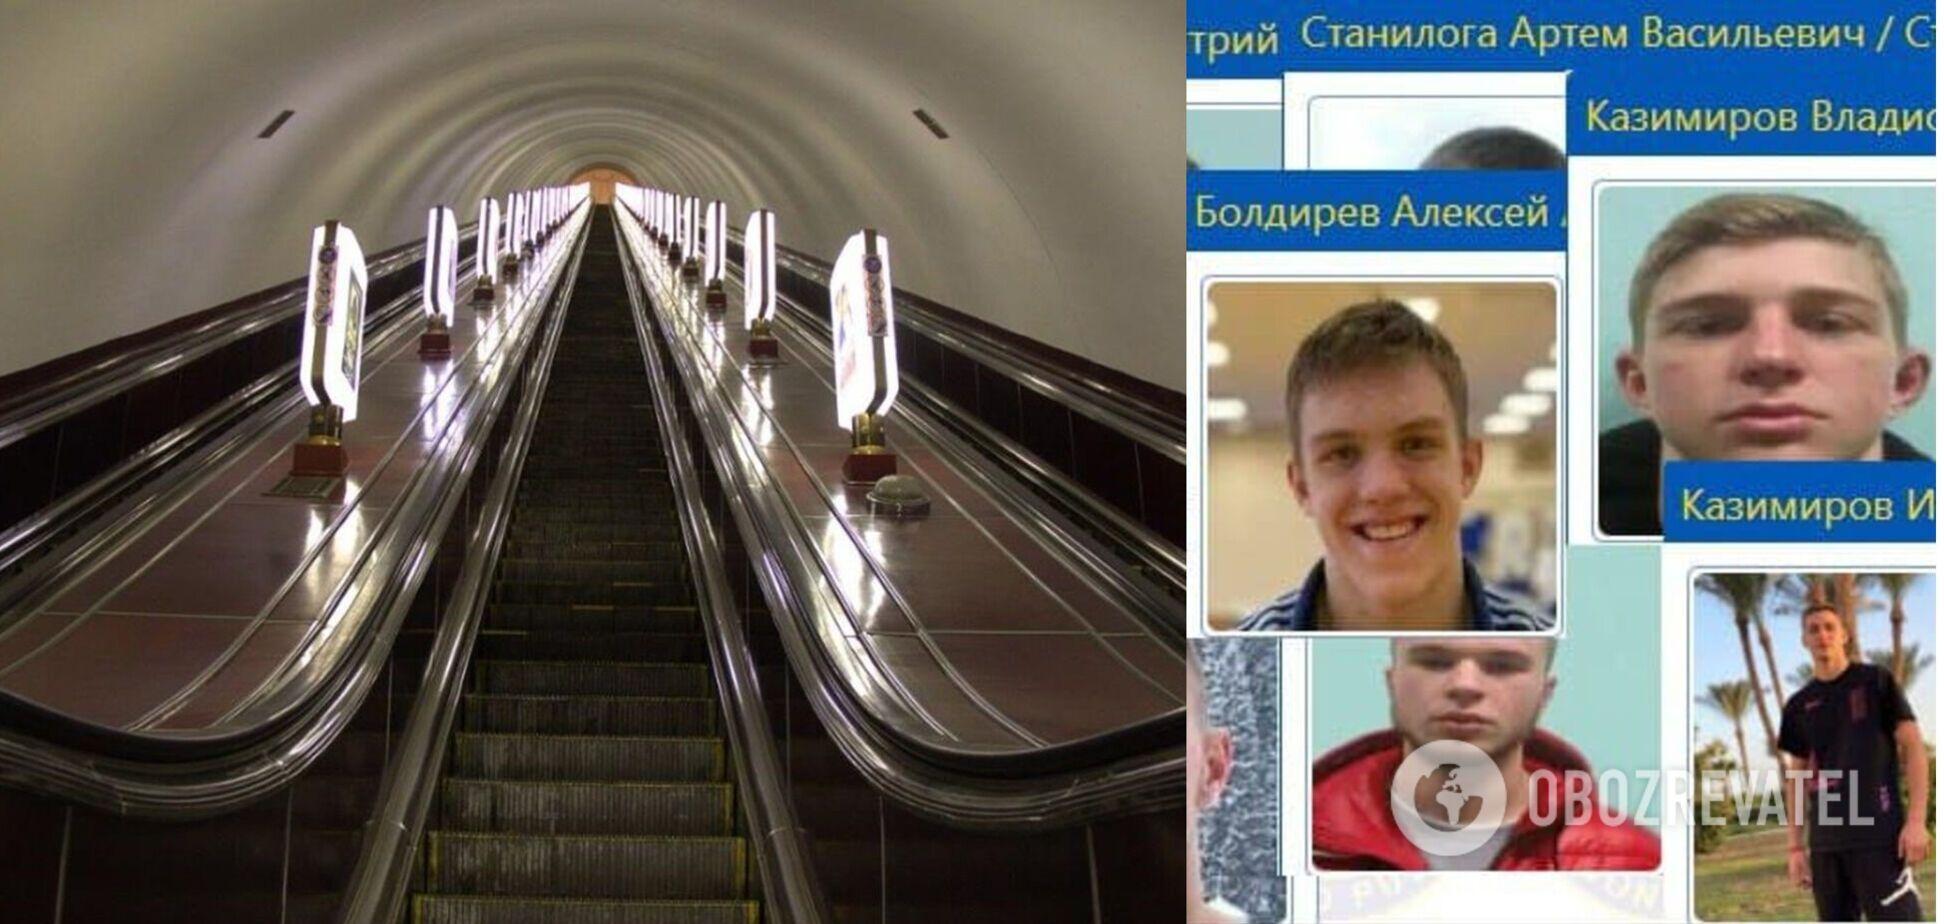 Установлены спортсмены, жестоко избившие двух СБУшников в метро Киева